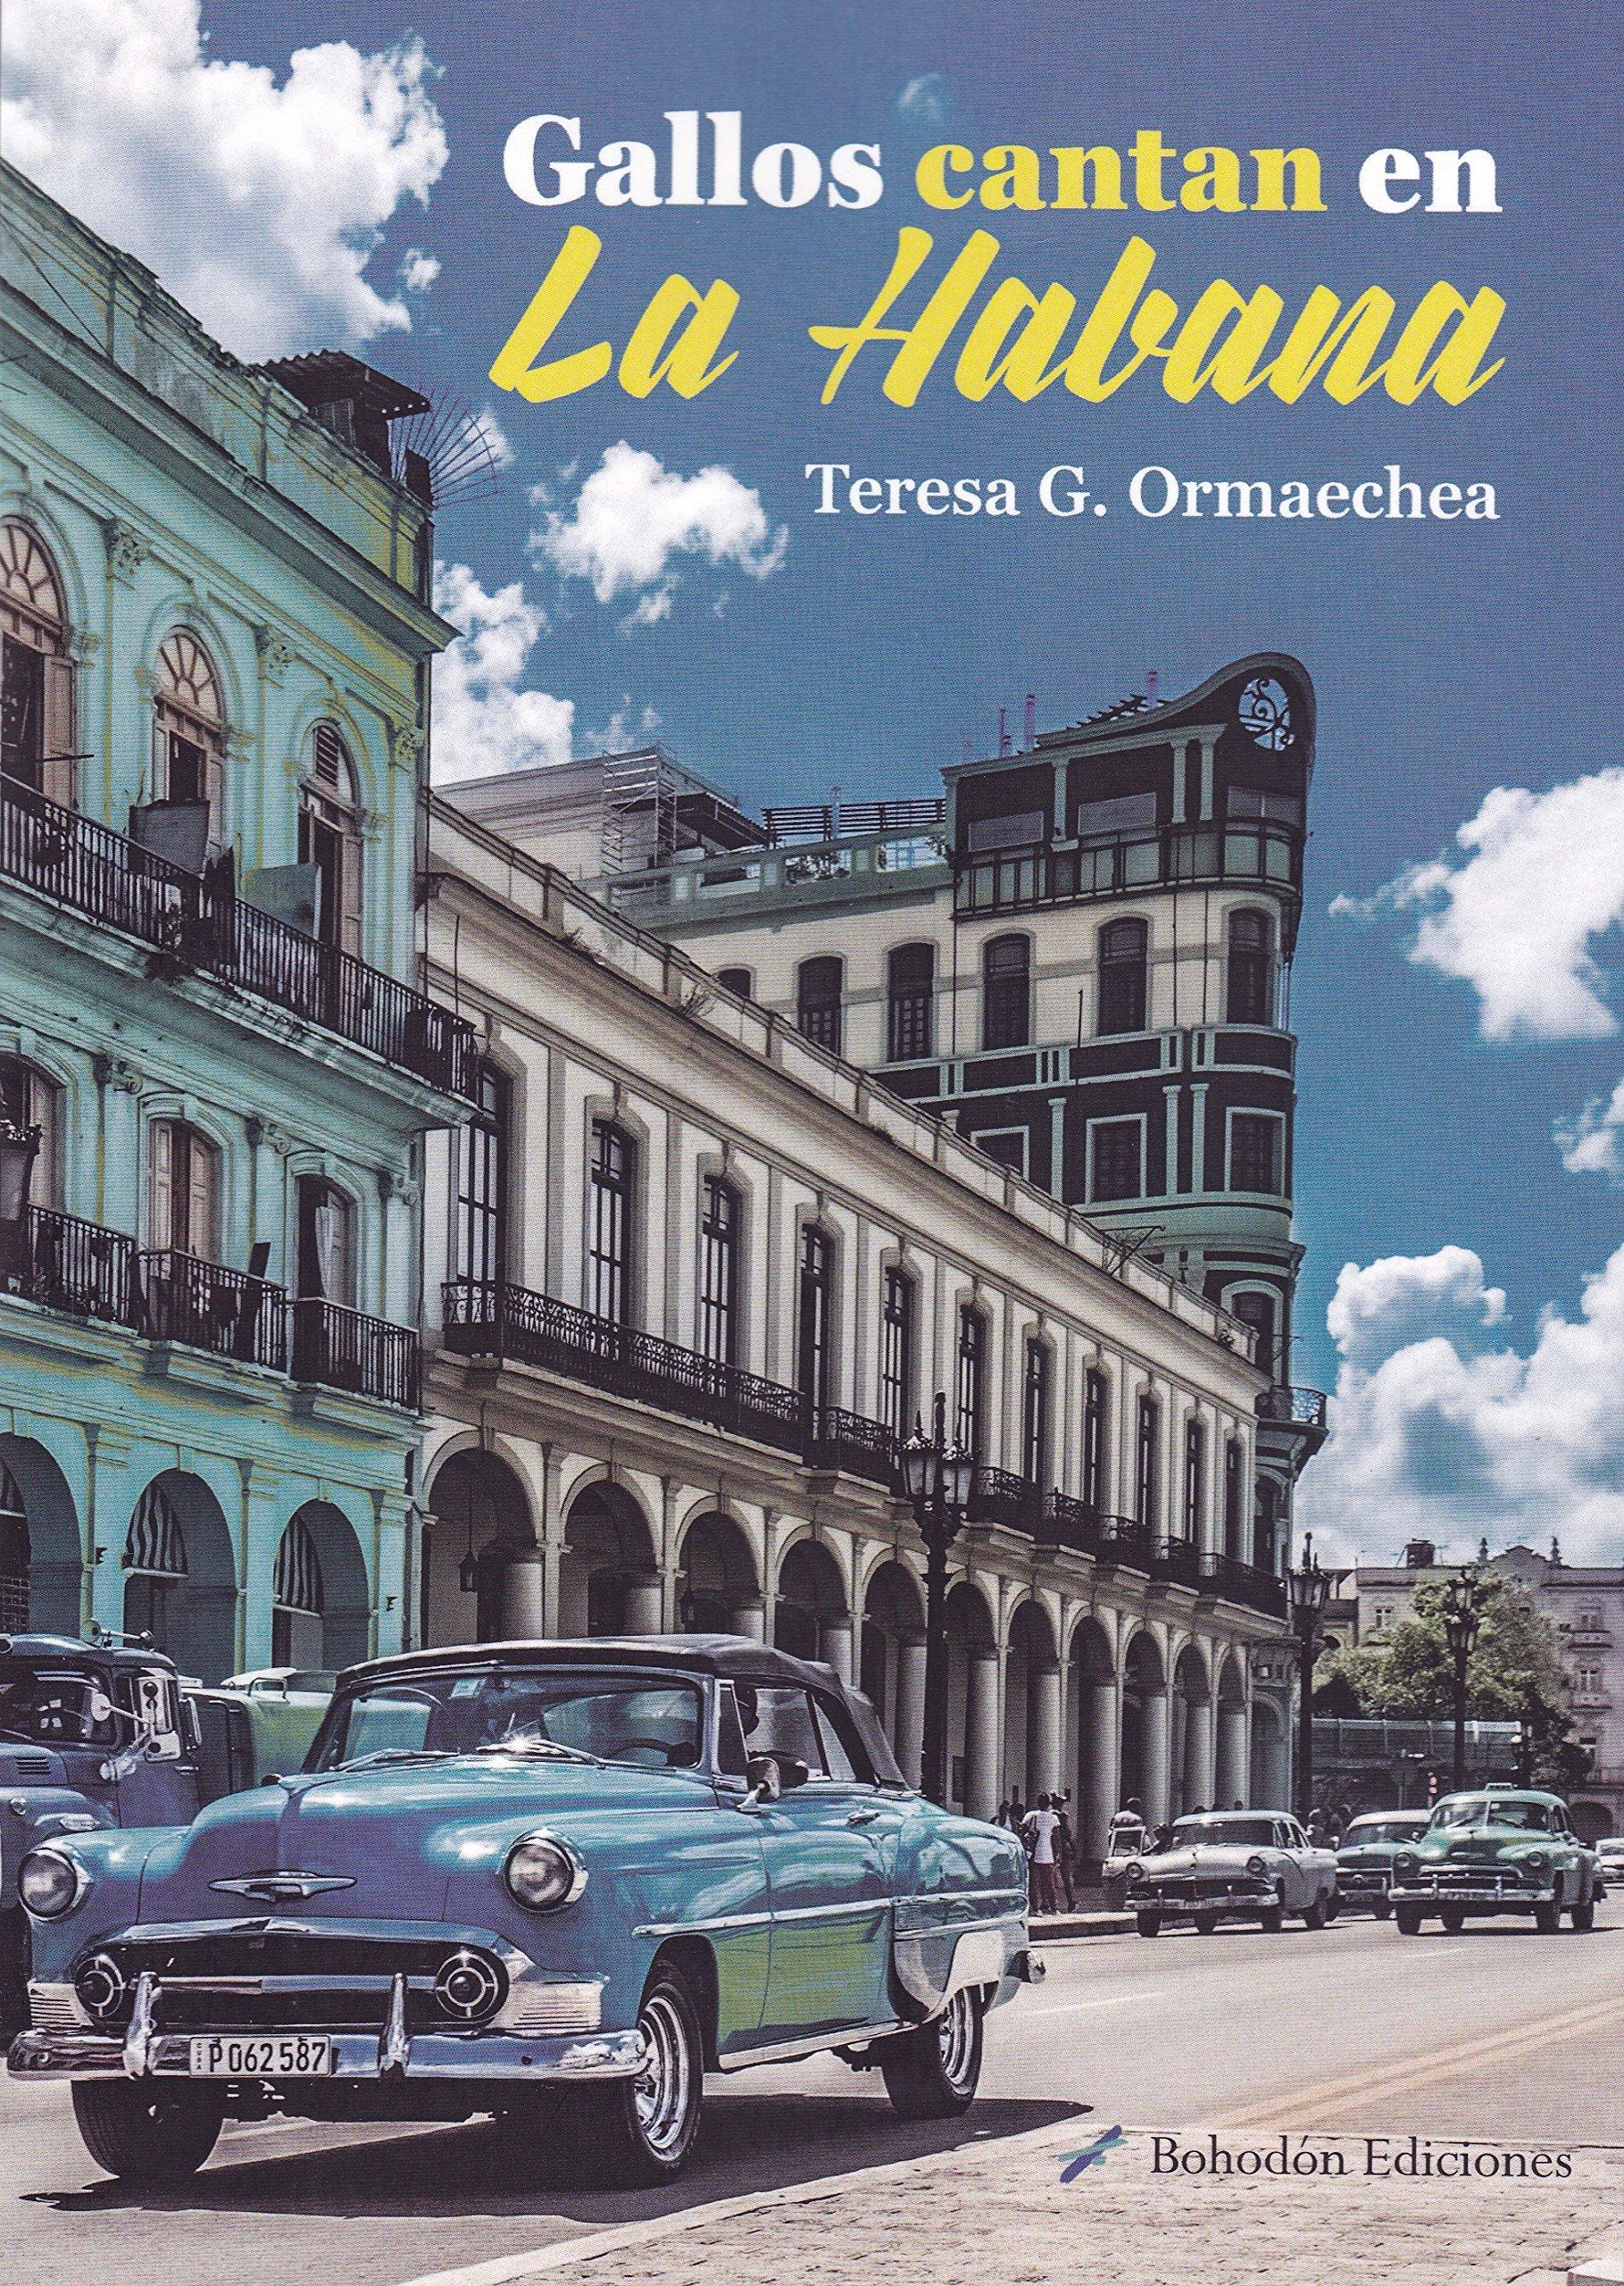 Gallos cantan en la Habana (Índigo): Amazon.es: Ormaechea ...